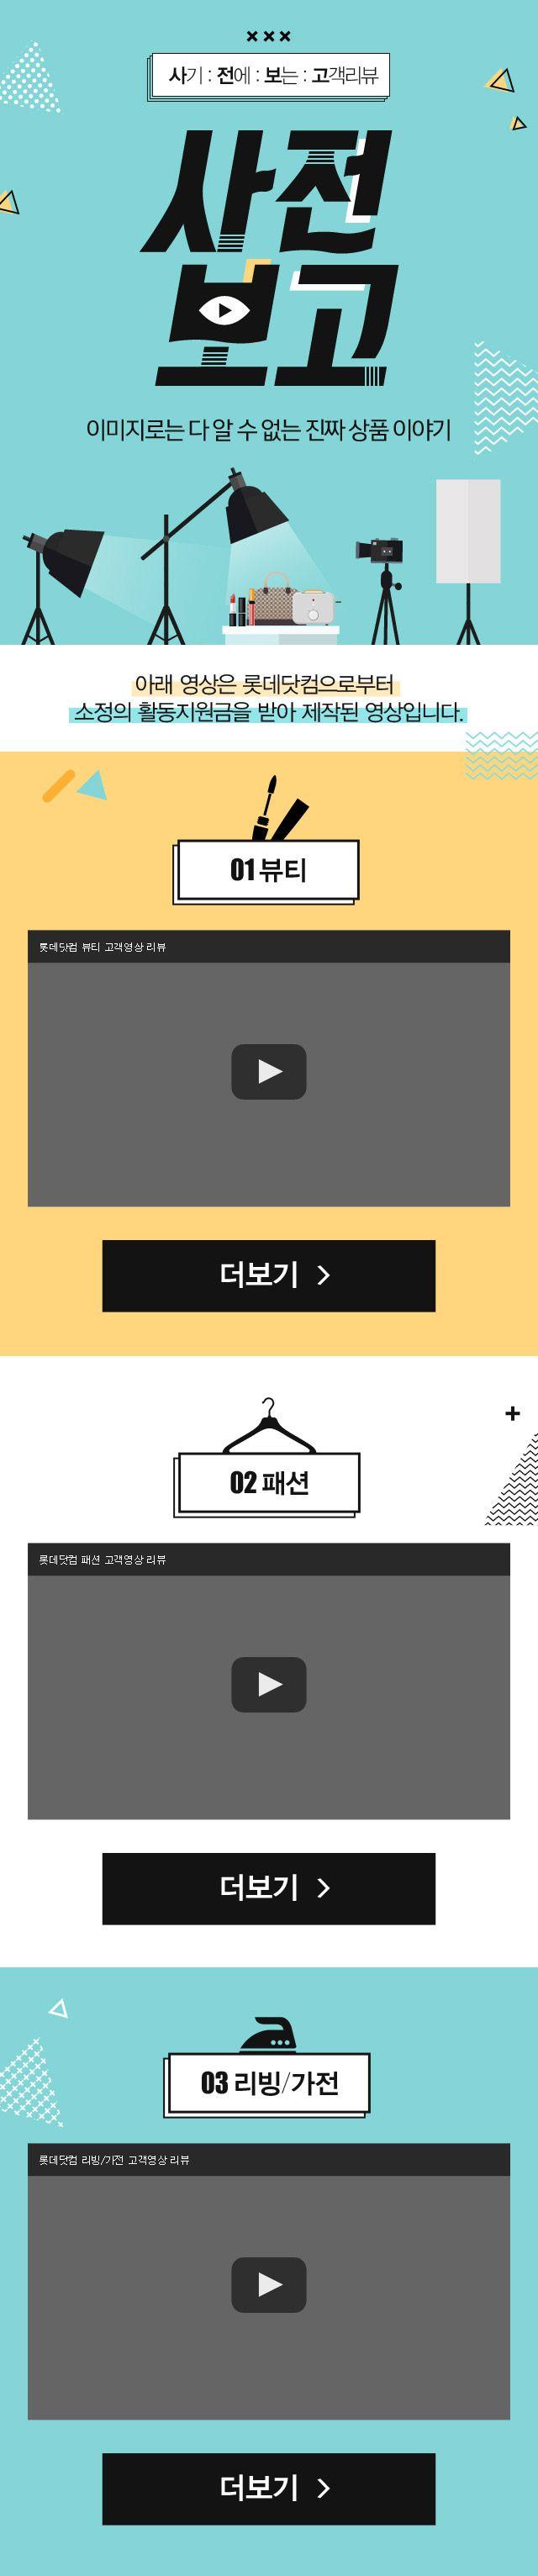 사기전에보는 고객리뷰(MO)_V-COM_170505_Designed by 박세미